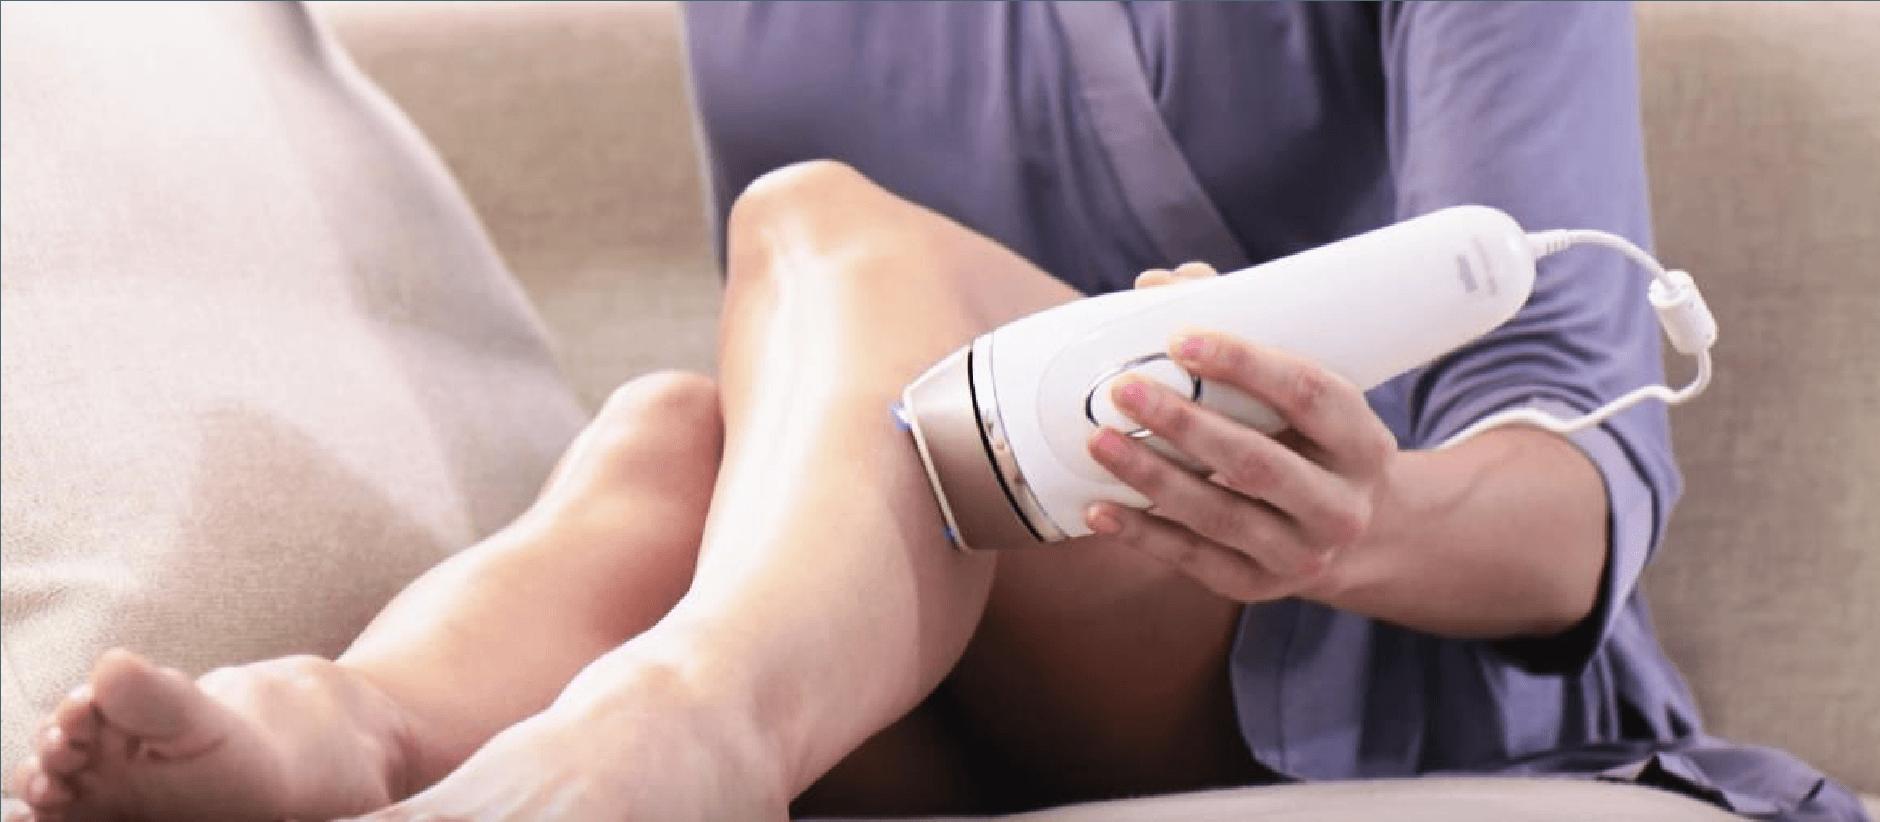 Лазерная эпиляция во время беременности